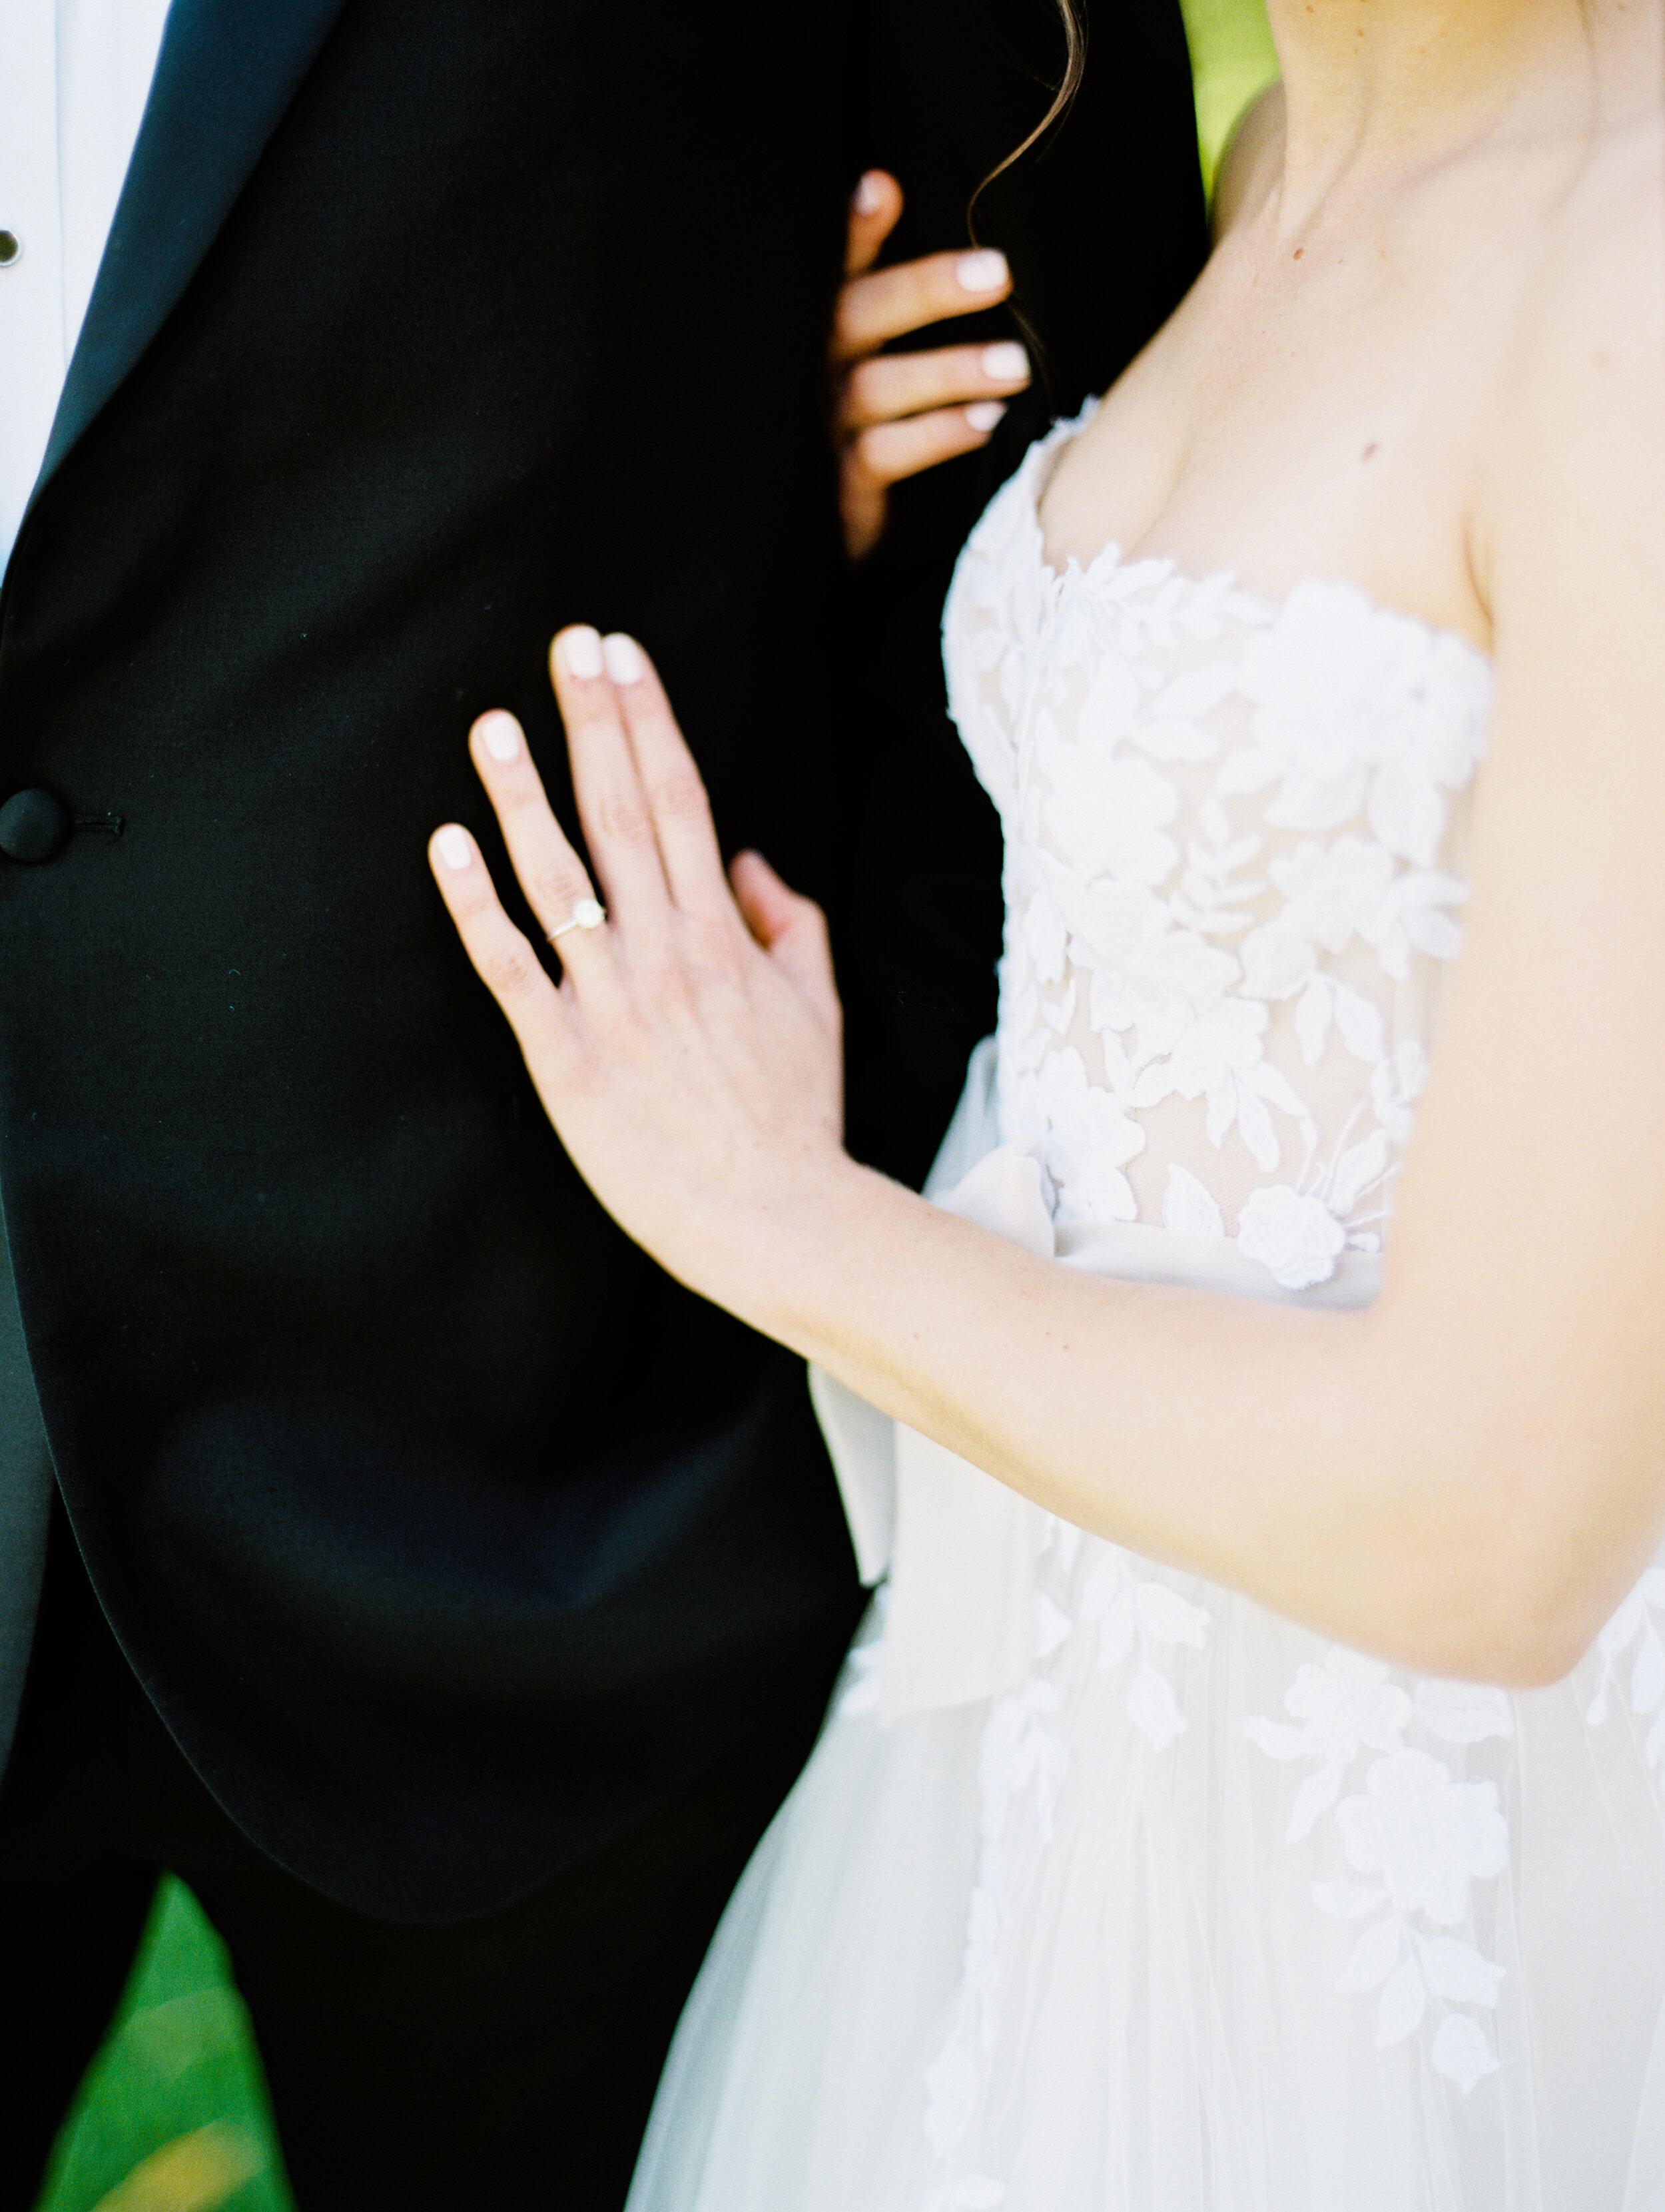 Steinlage+Wedding+First+Look-37.jpg